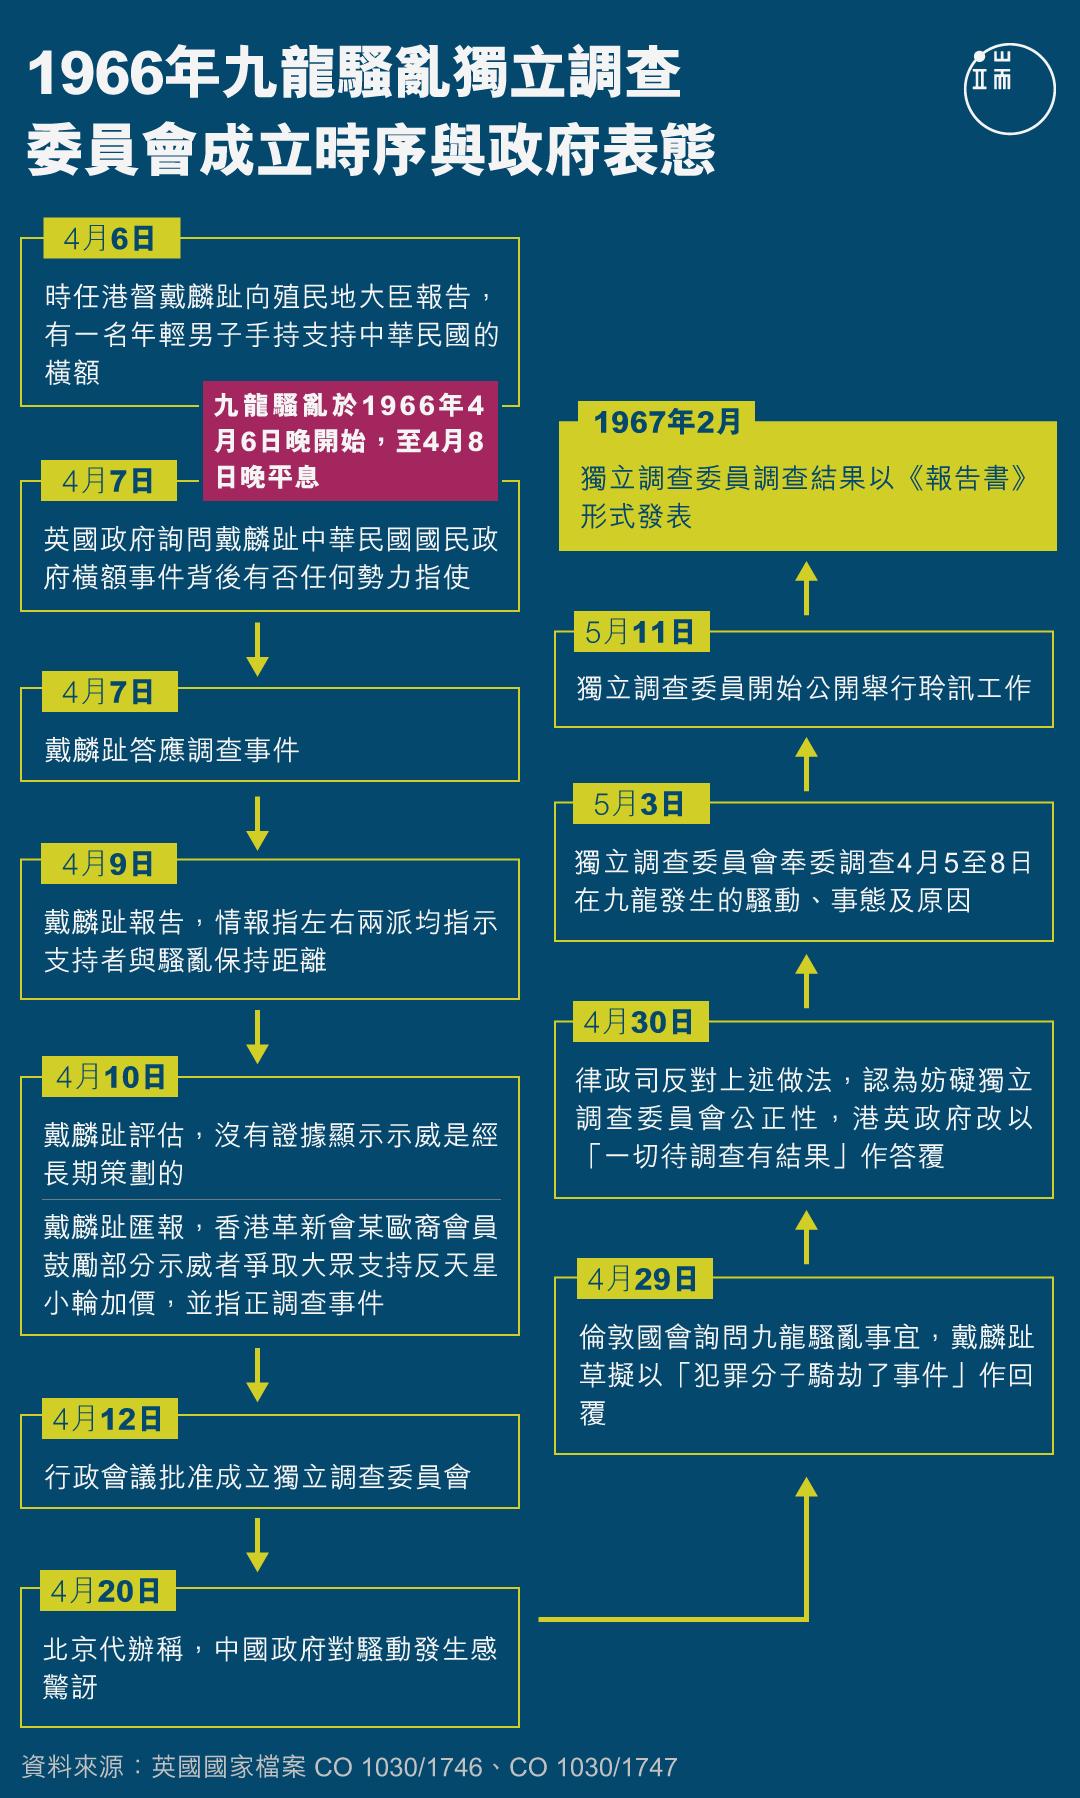 1966年九龍騷亂獨立調查委員會成立時序與政府表態。